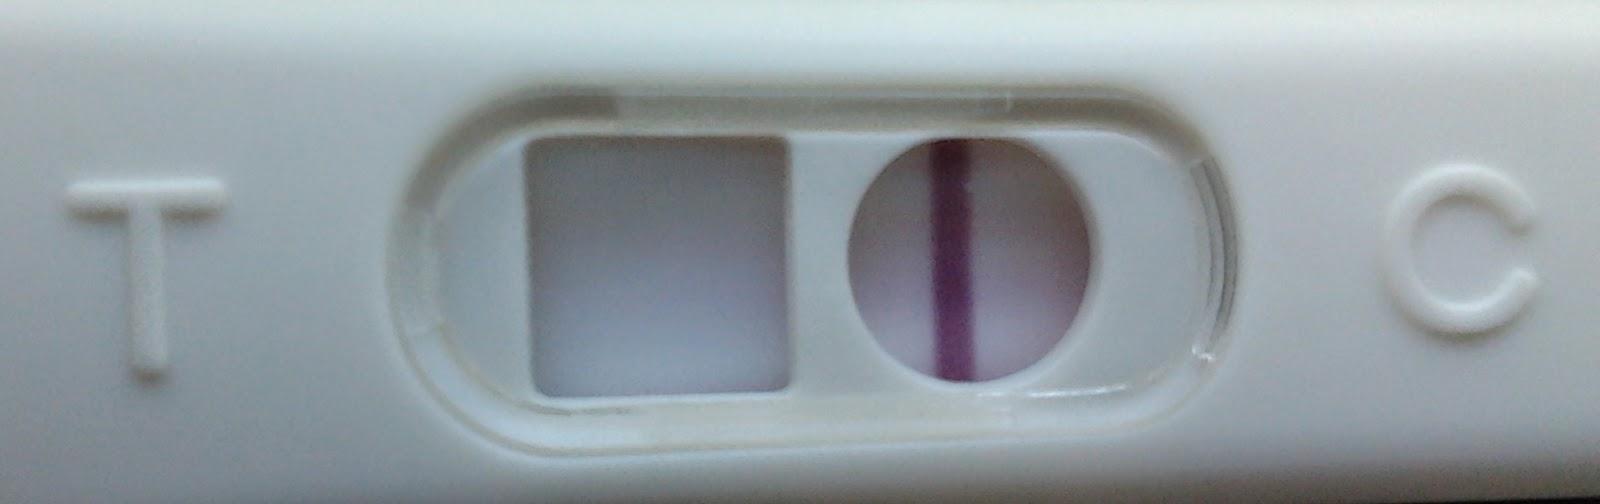 Teste de urina de gravidez negativo